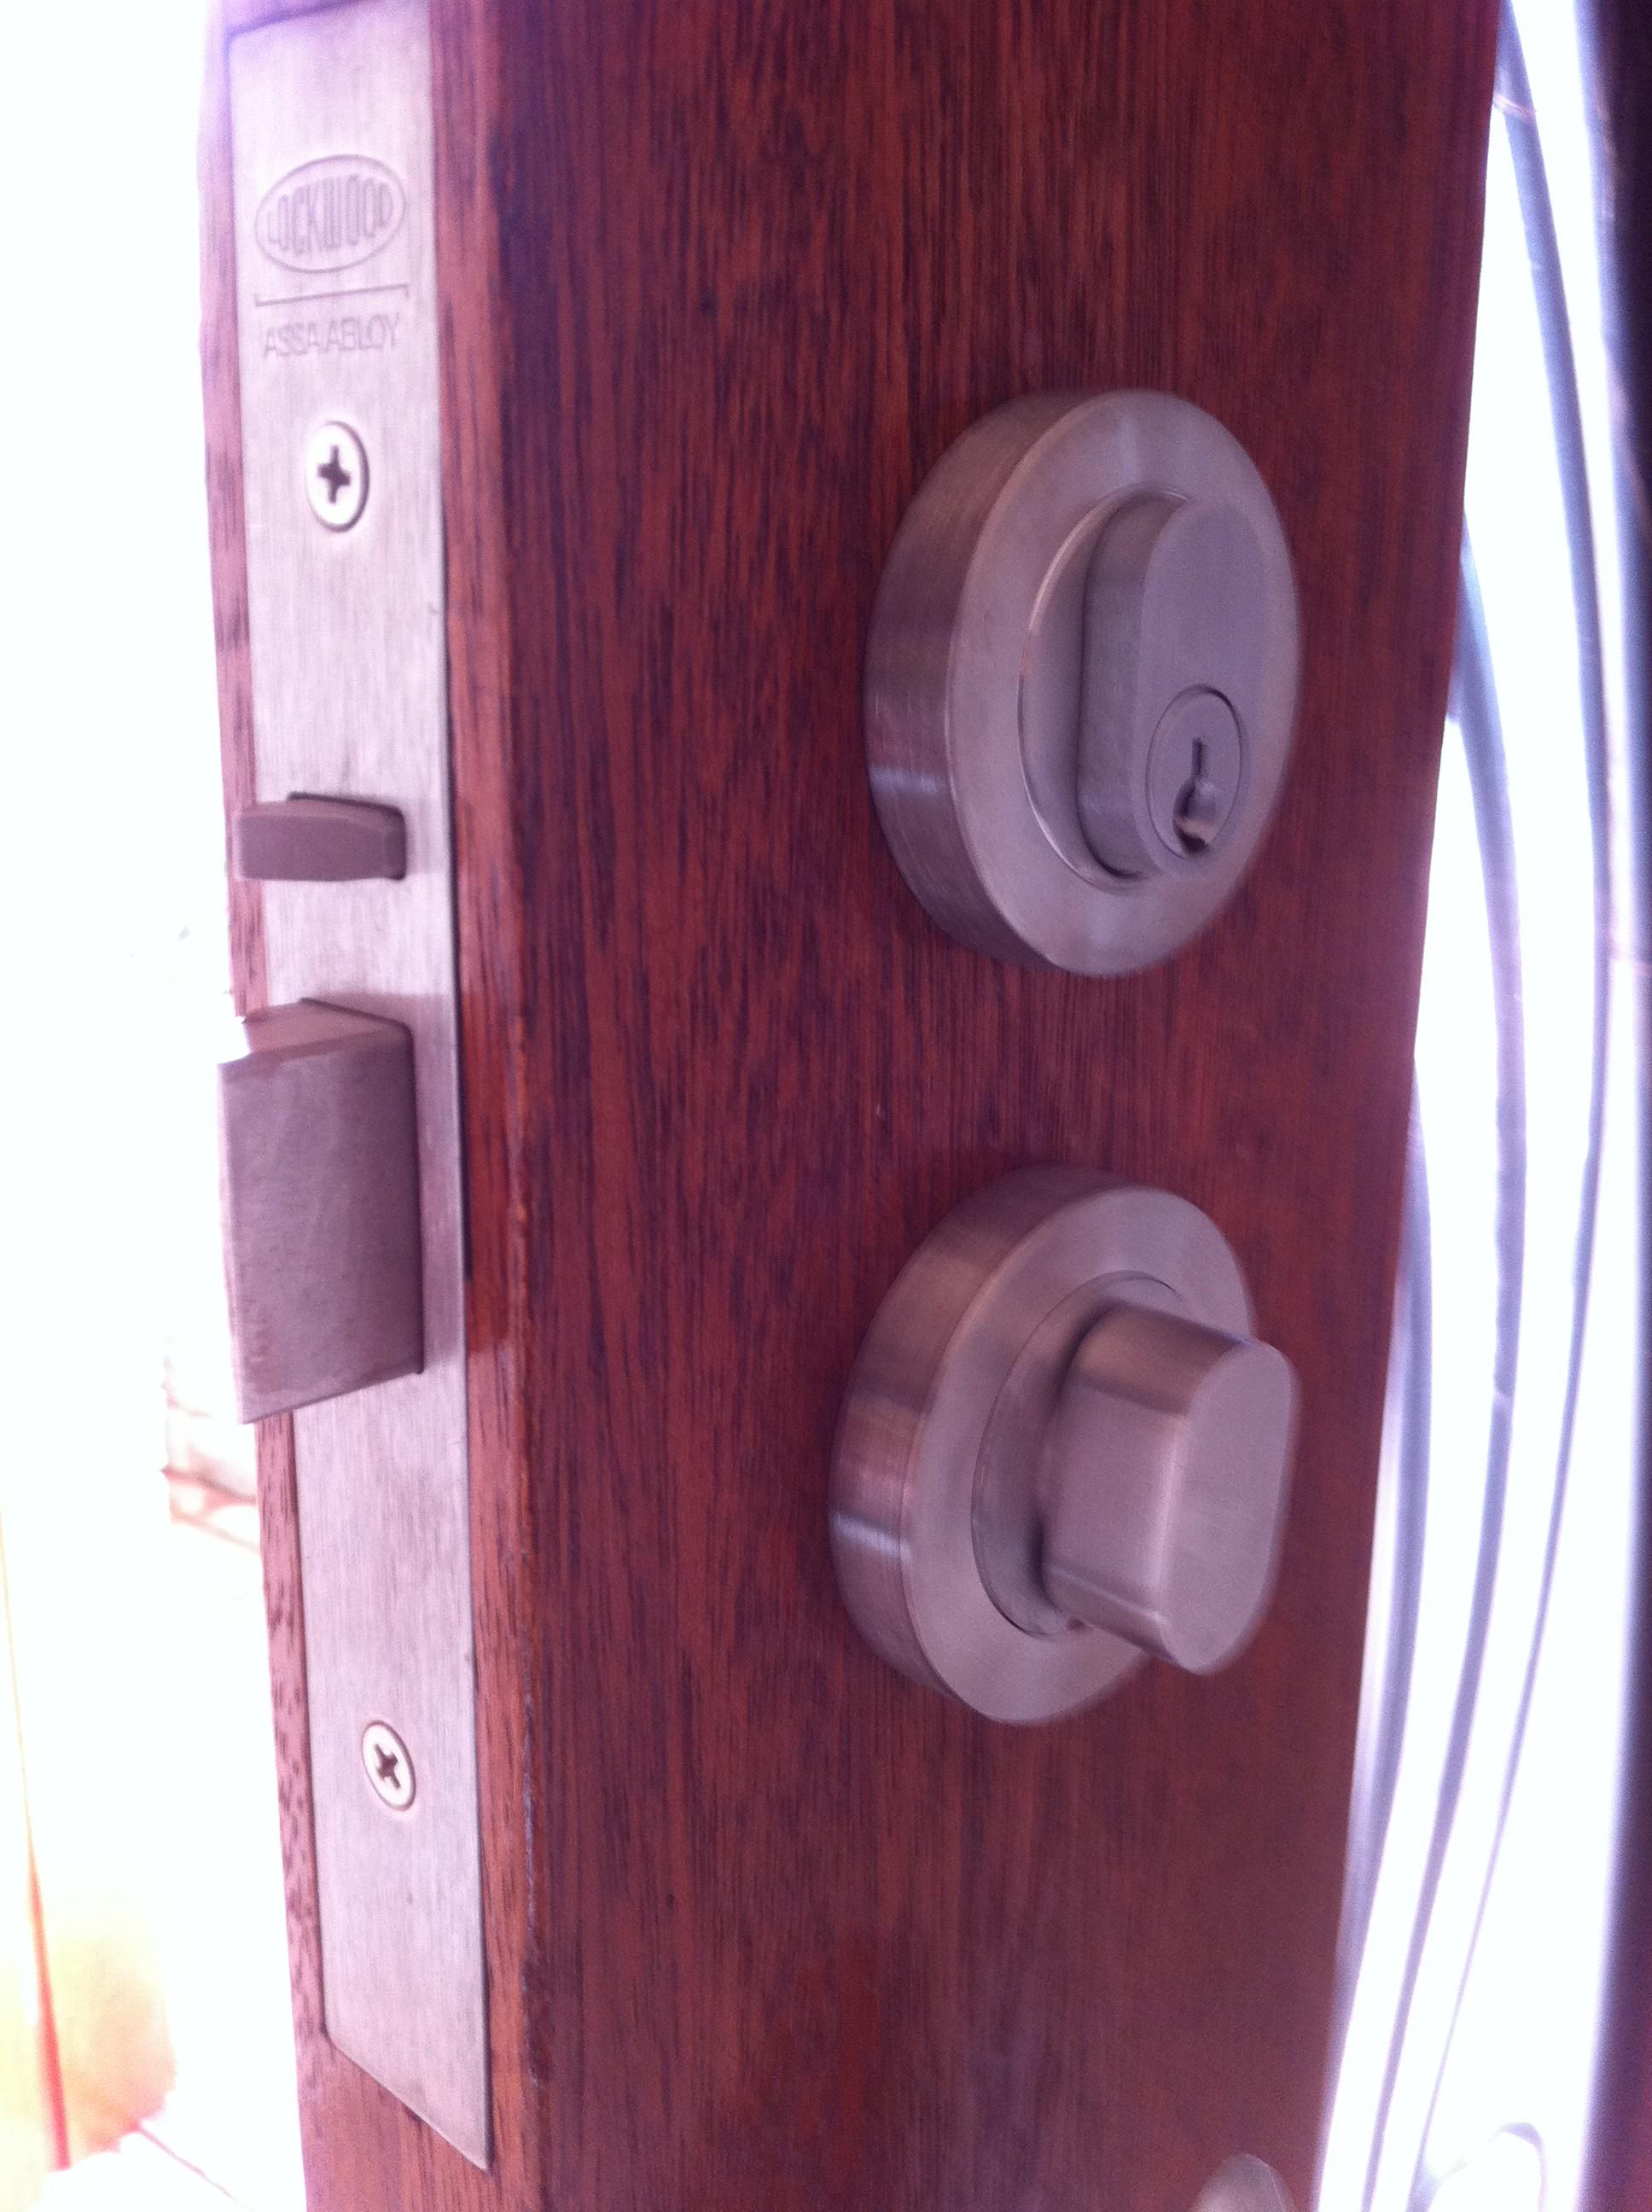 5 - Mortice Lock